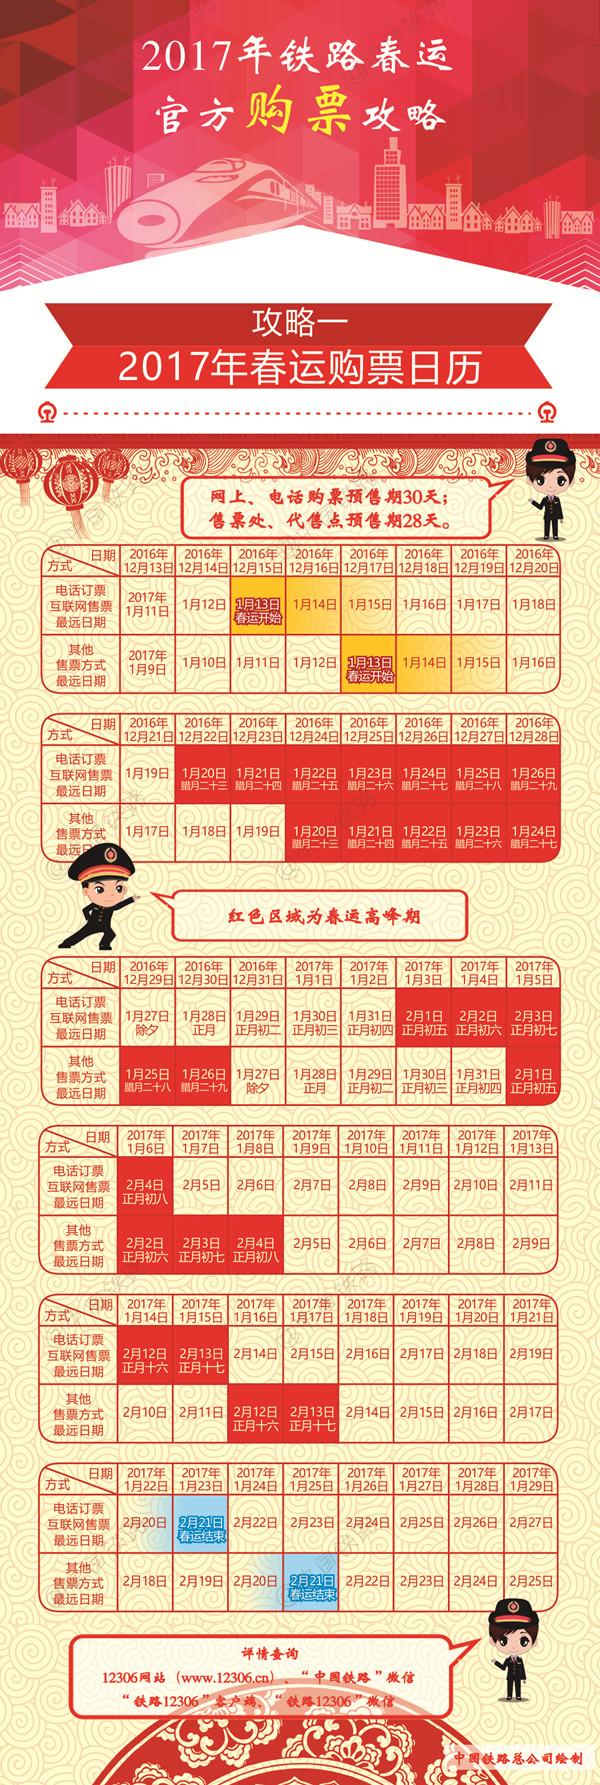 图解:春运首日火车票明日开售 铁总发布官方购票攻略